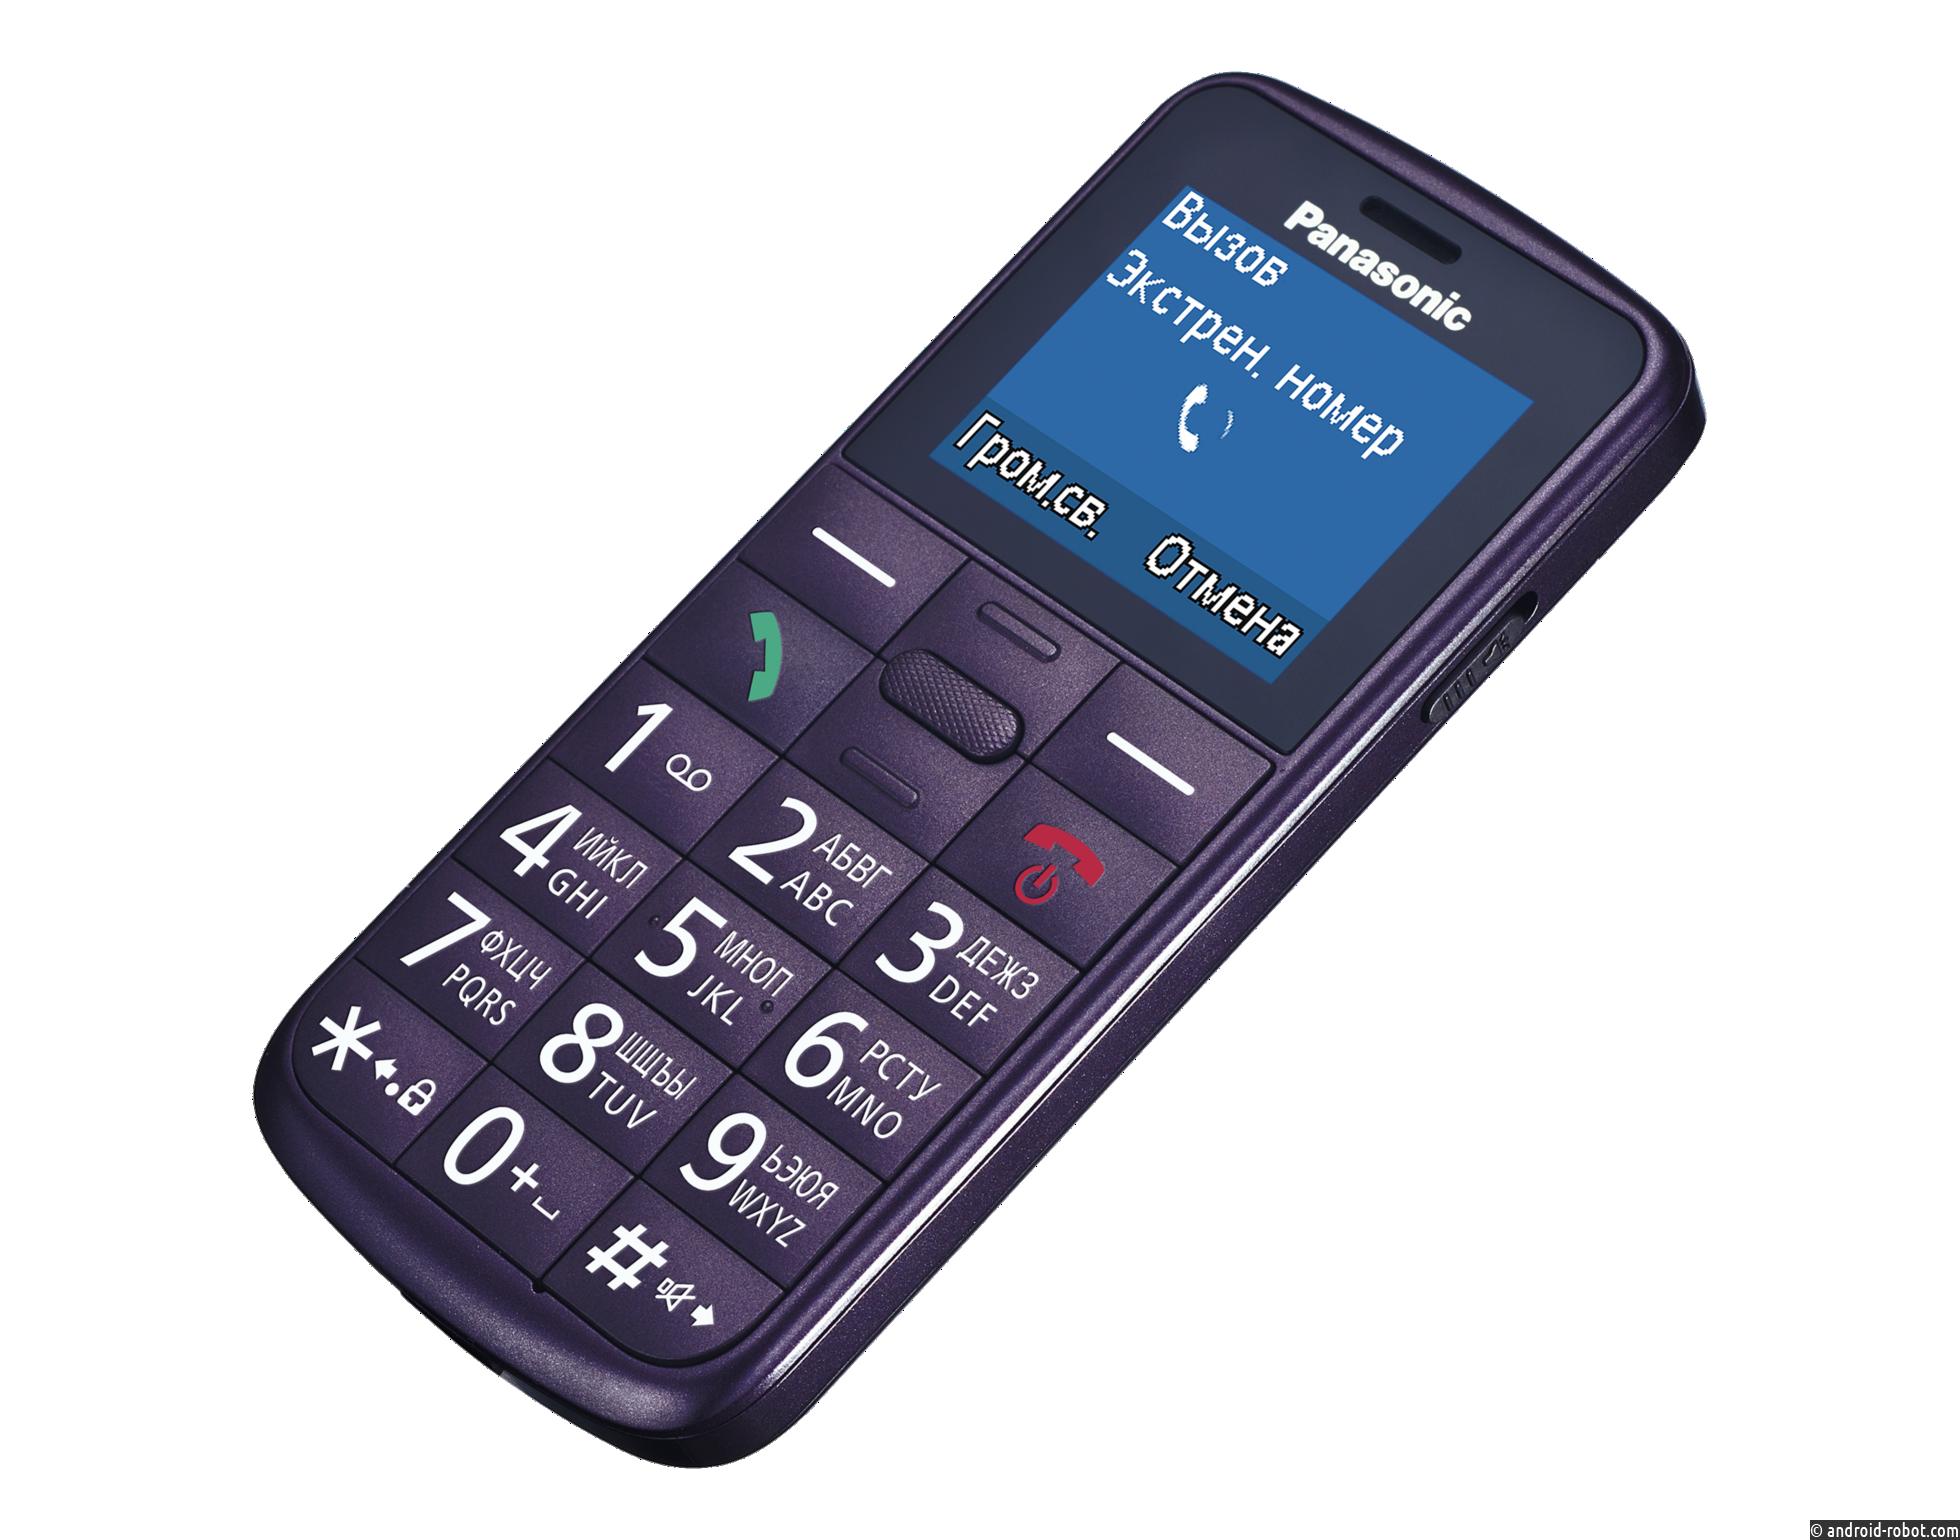 Panasonic выводит на российский рынок сразу две новые модели мобильных телефонов